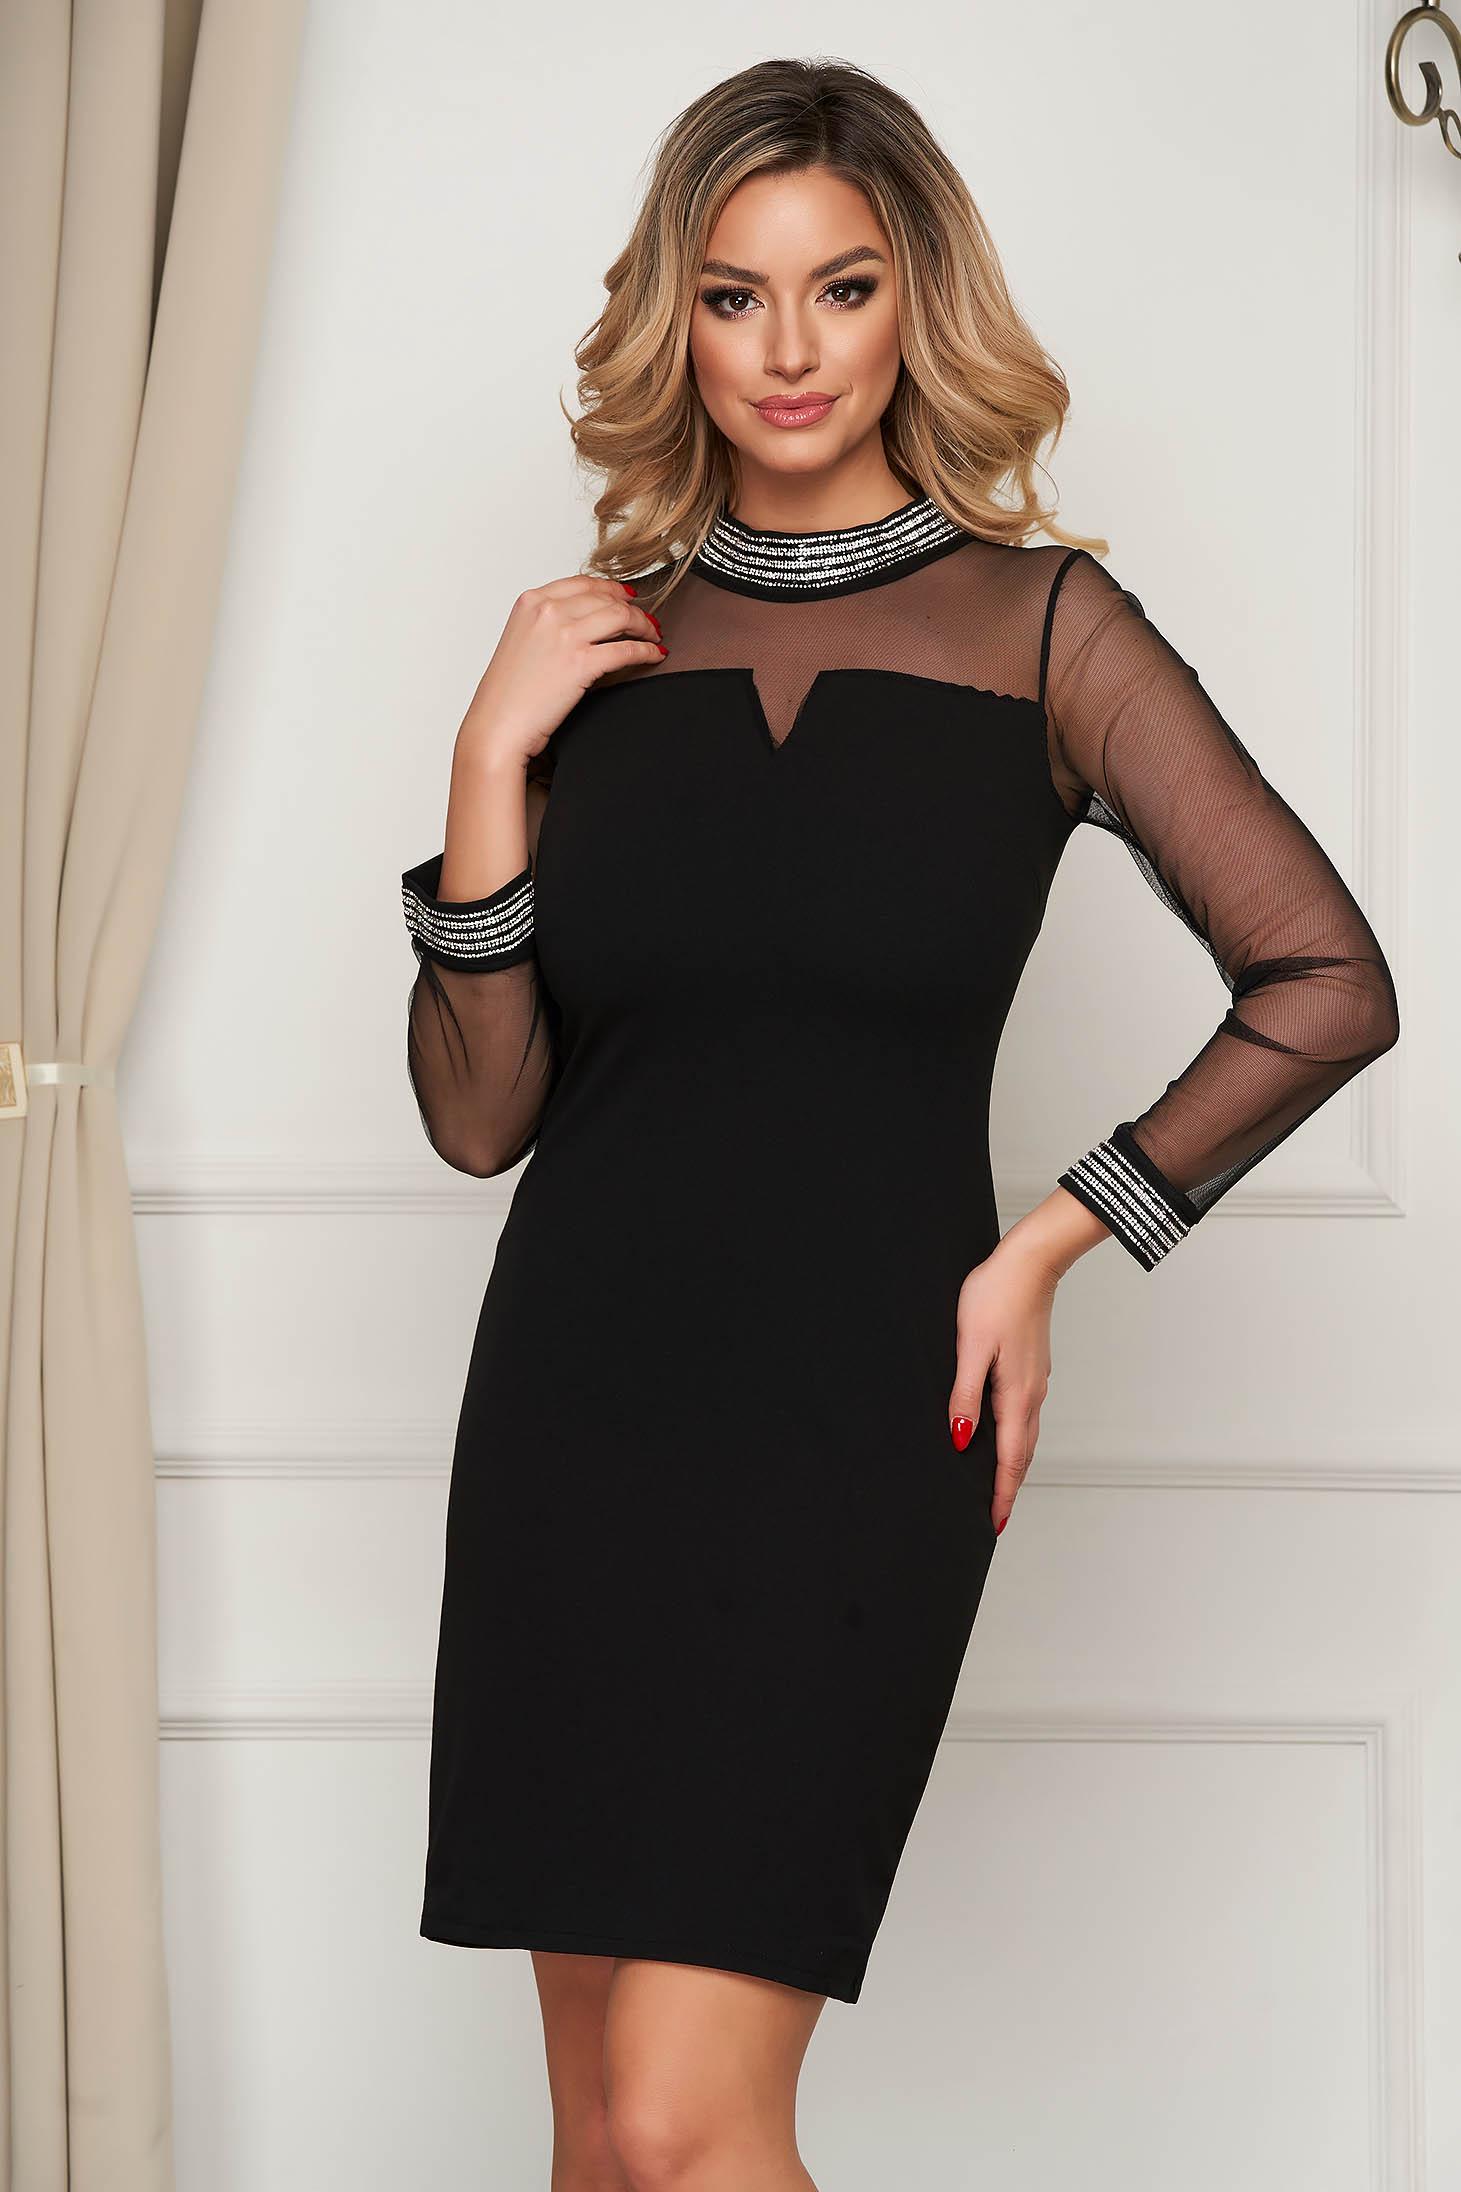 Fekete rövid alkalmi egyenes ruha vékony anyagú szövetből strassz köves díszítéssel